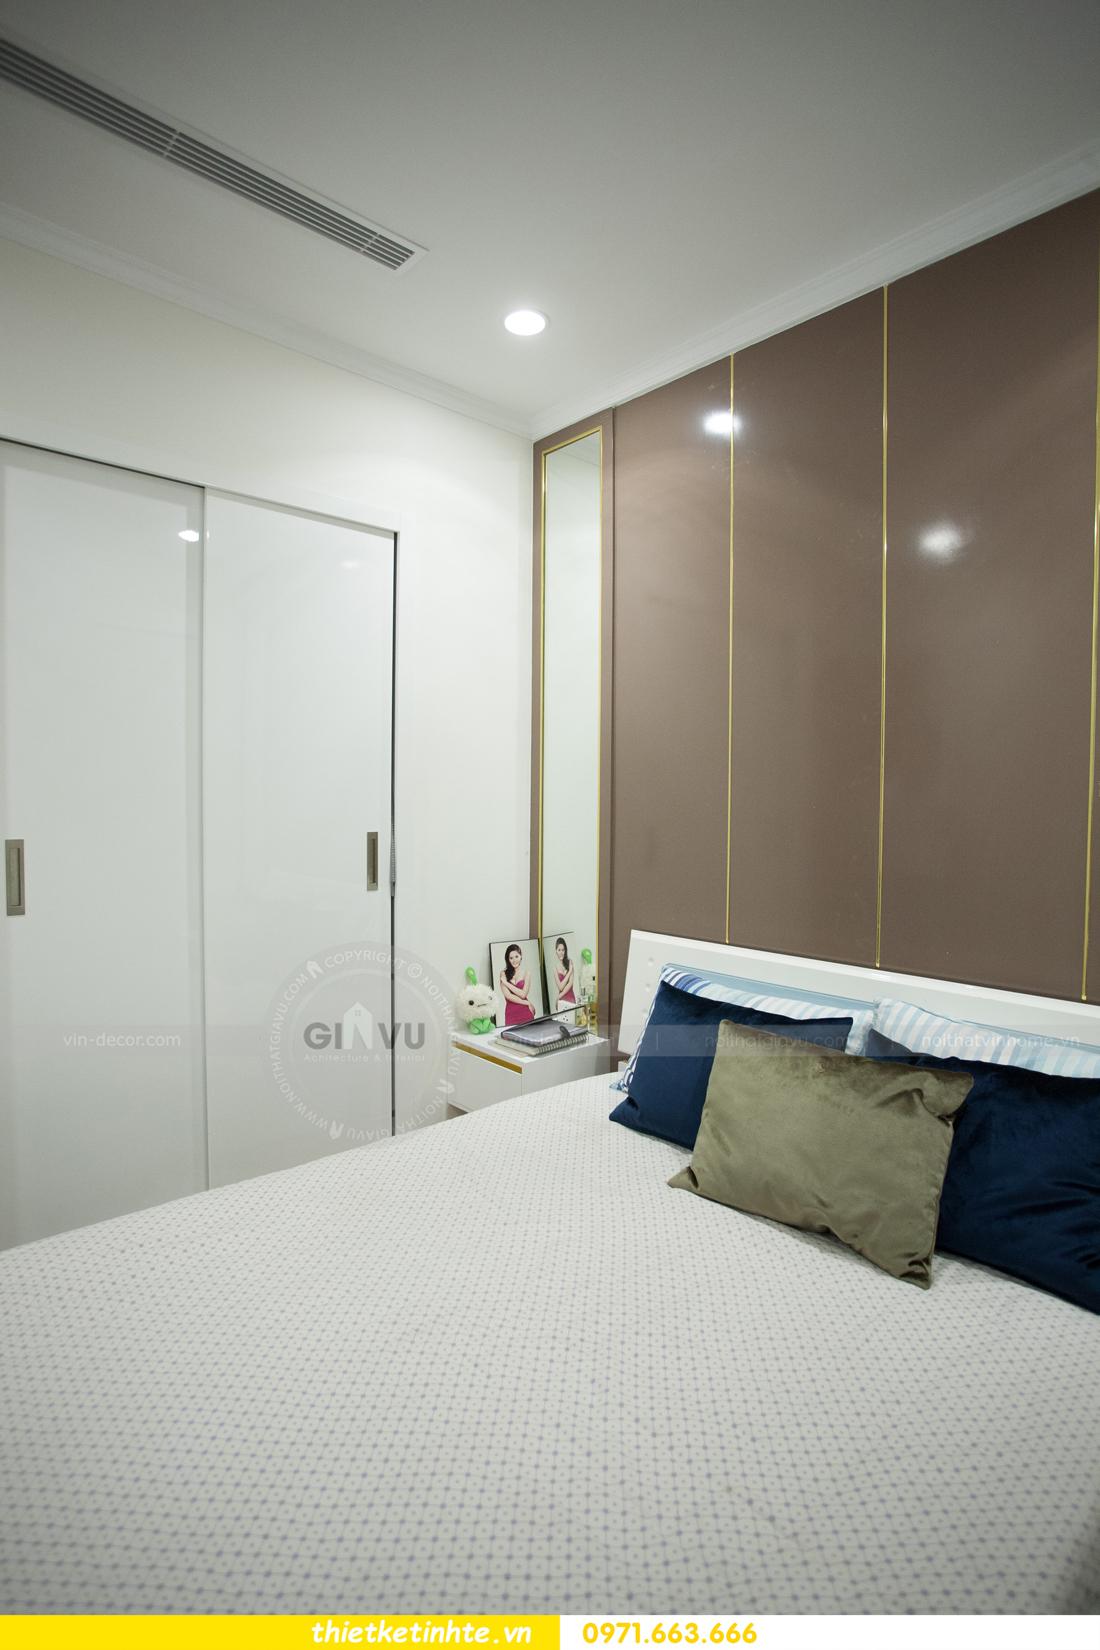 hoàn thiện nội thất chung cư Park Hill căn 2 phòng ngủ 17